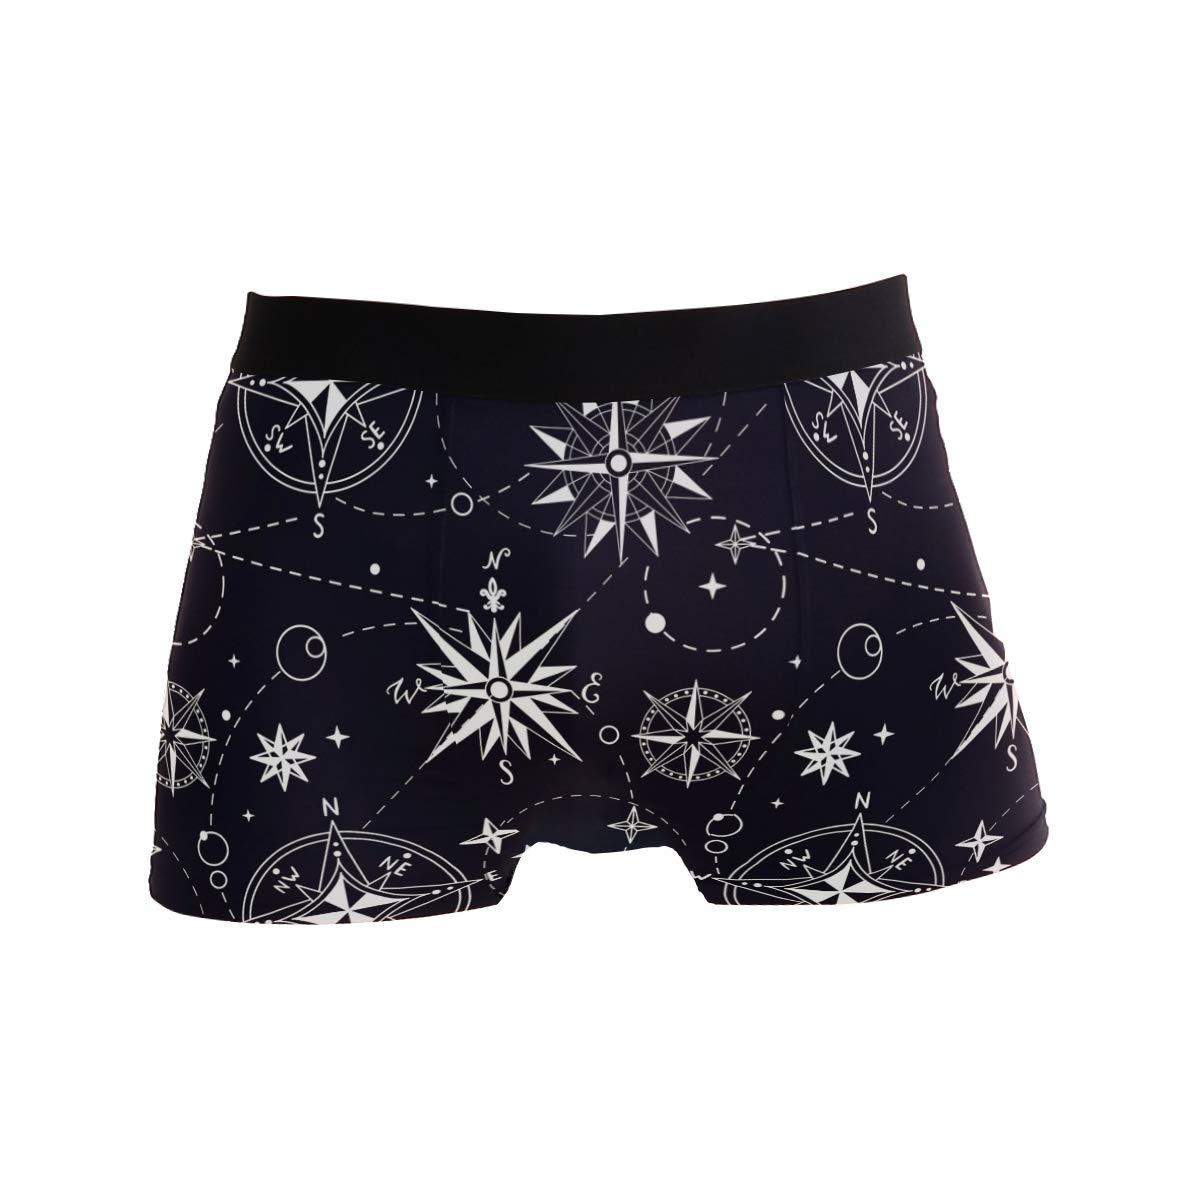 Compass Stars Mens Underwear Soft Polyester Boxer Brief for Men Adult Teen Children Kids S